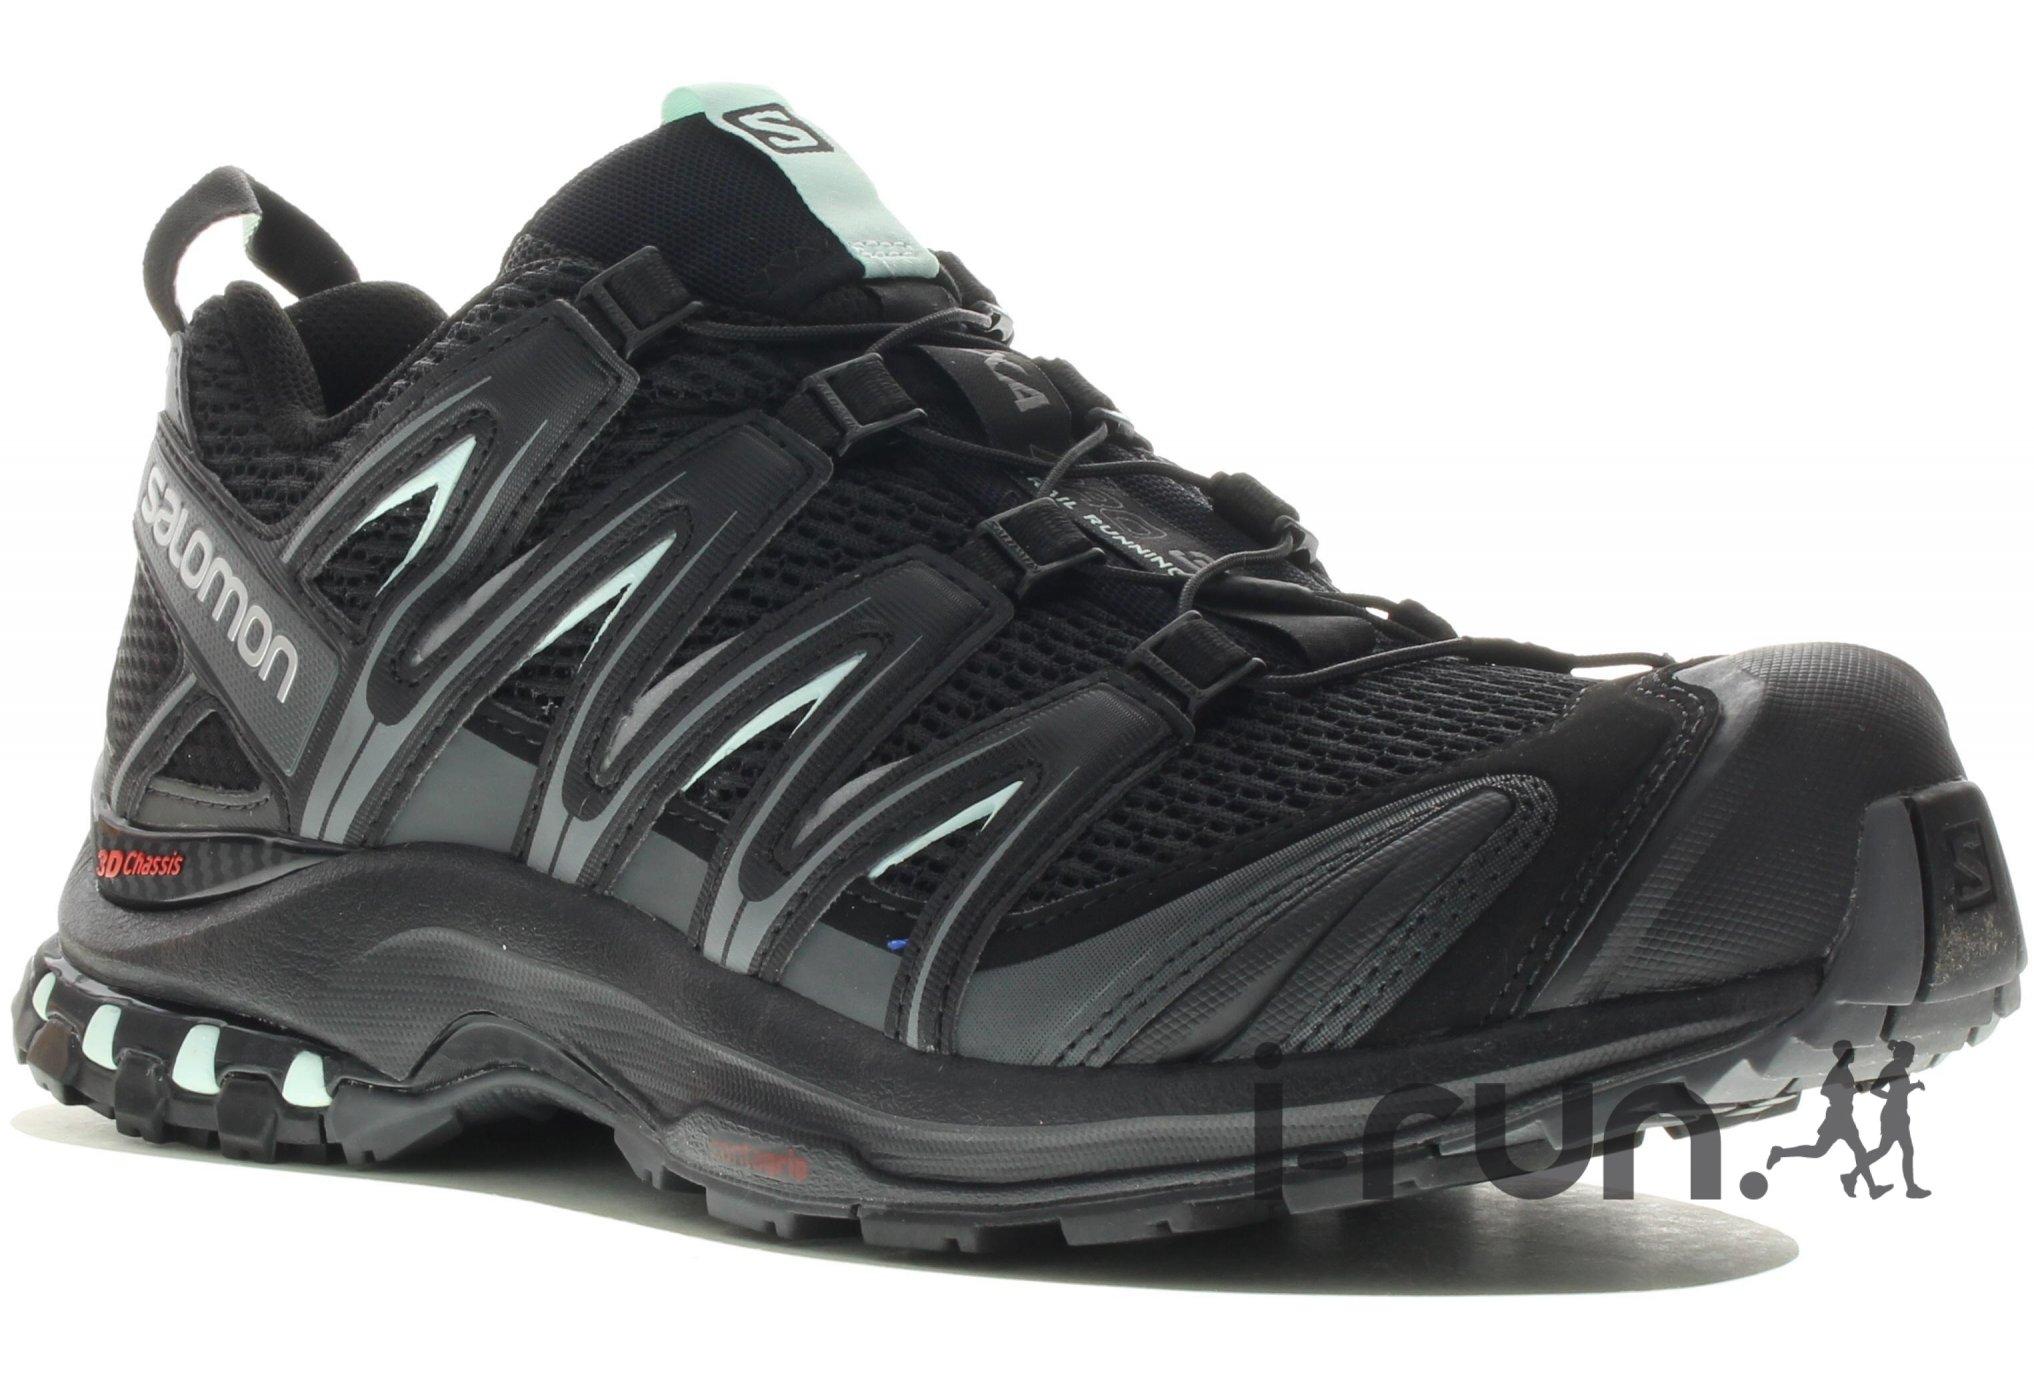 Salomon XA PRO 3D Chaussures running femme